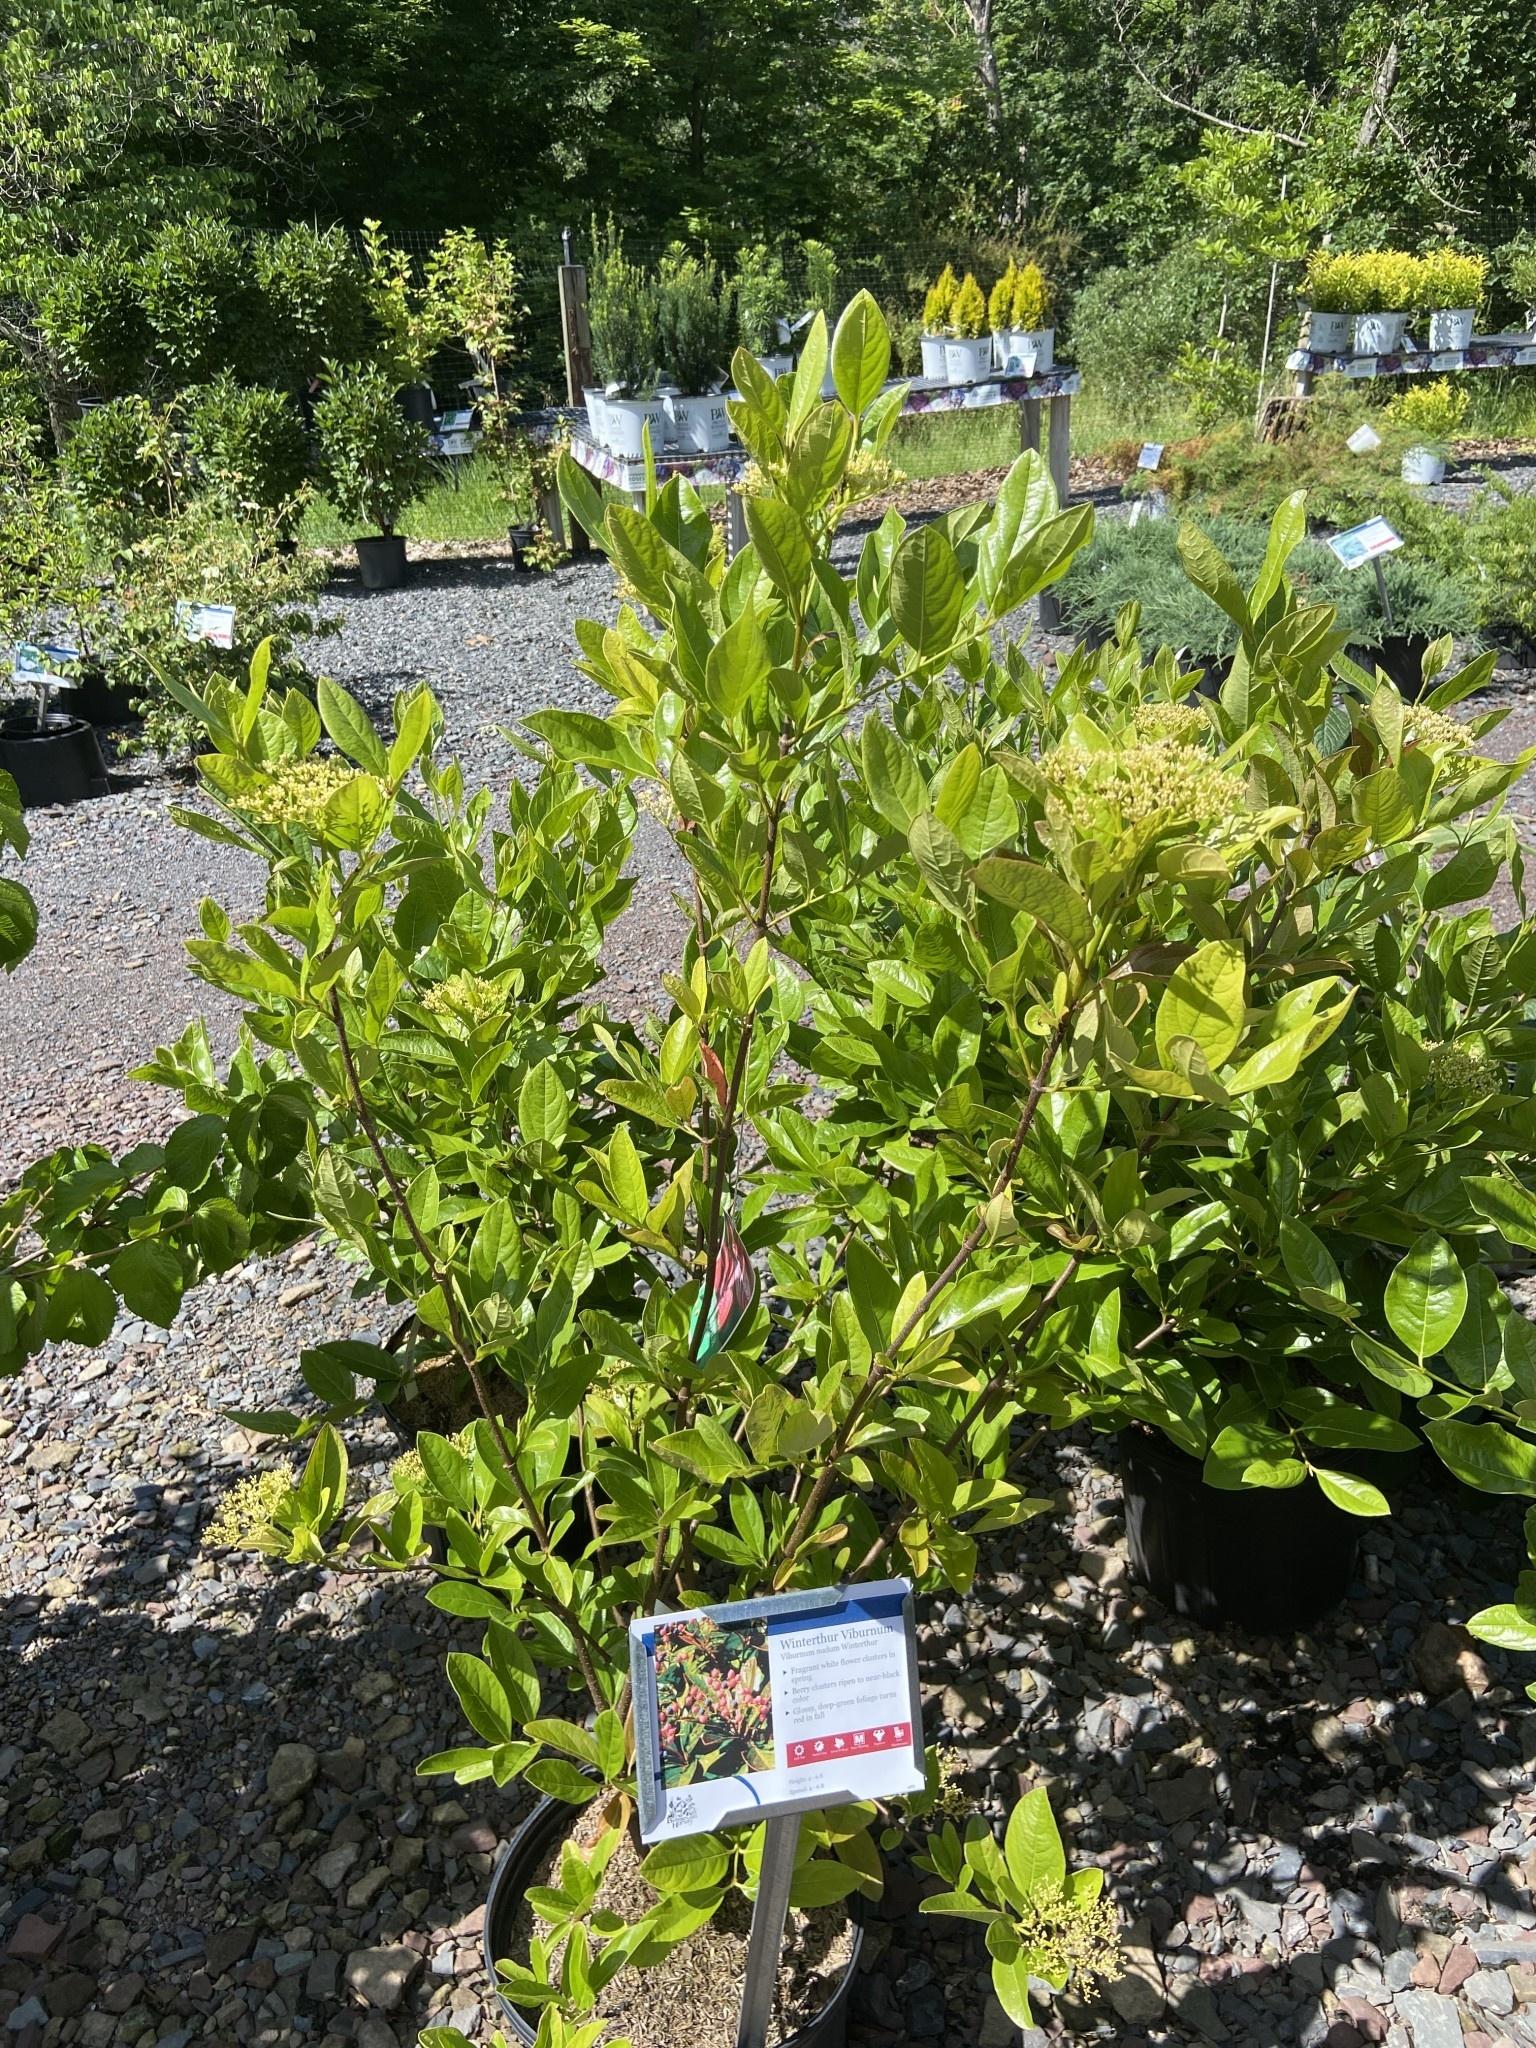 Viburnum nudum Winterthur Viburnum - Witherod, Winterthur, #3